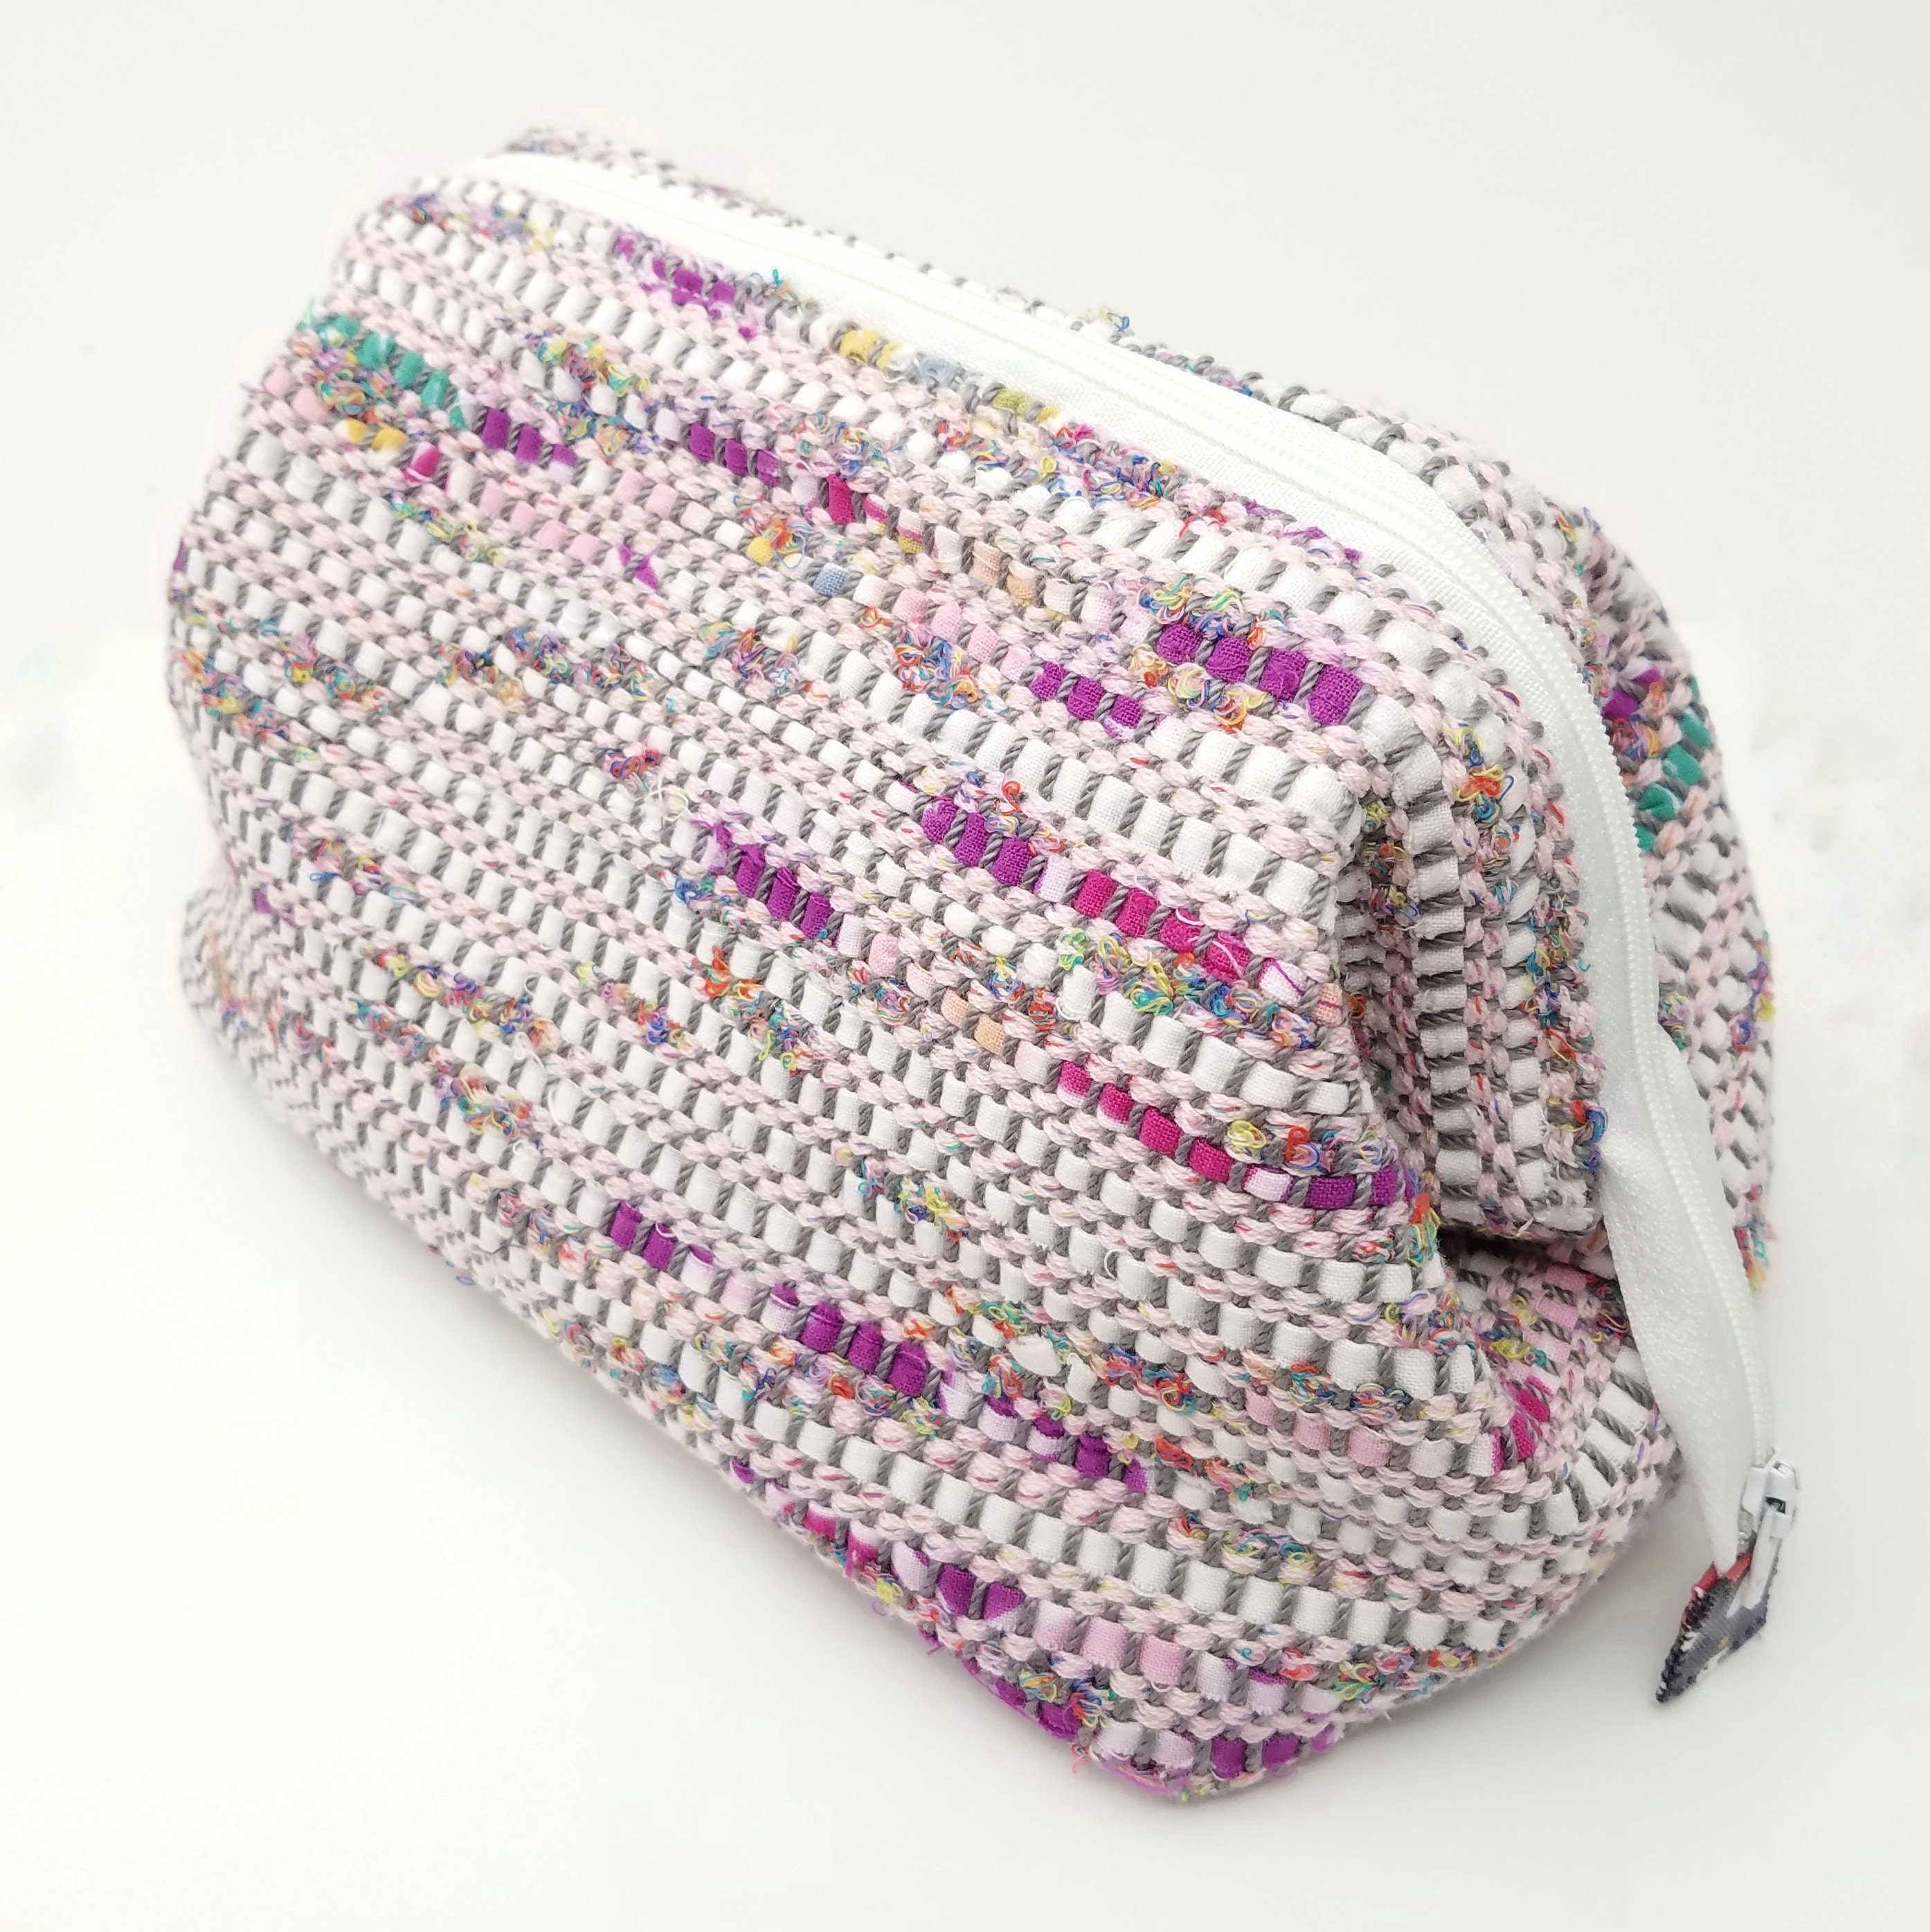 cosmetic bag created with sakiori fabric